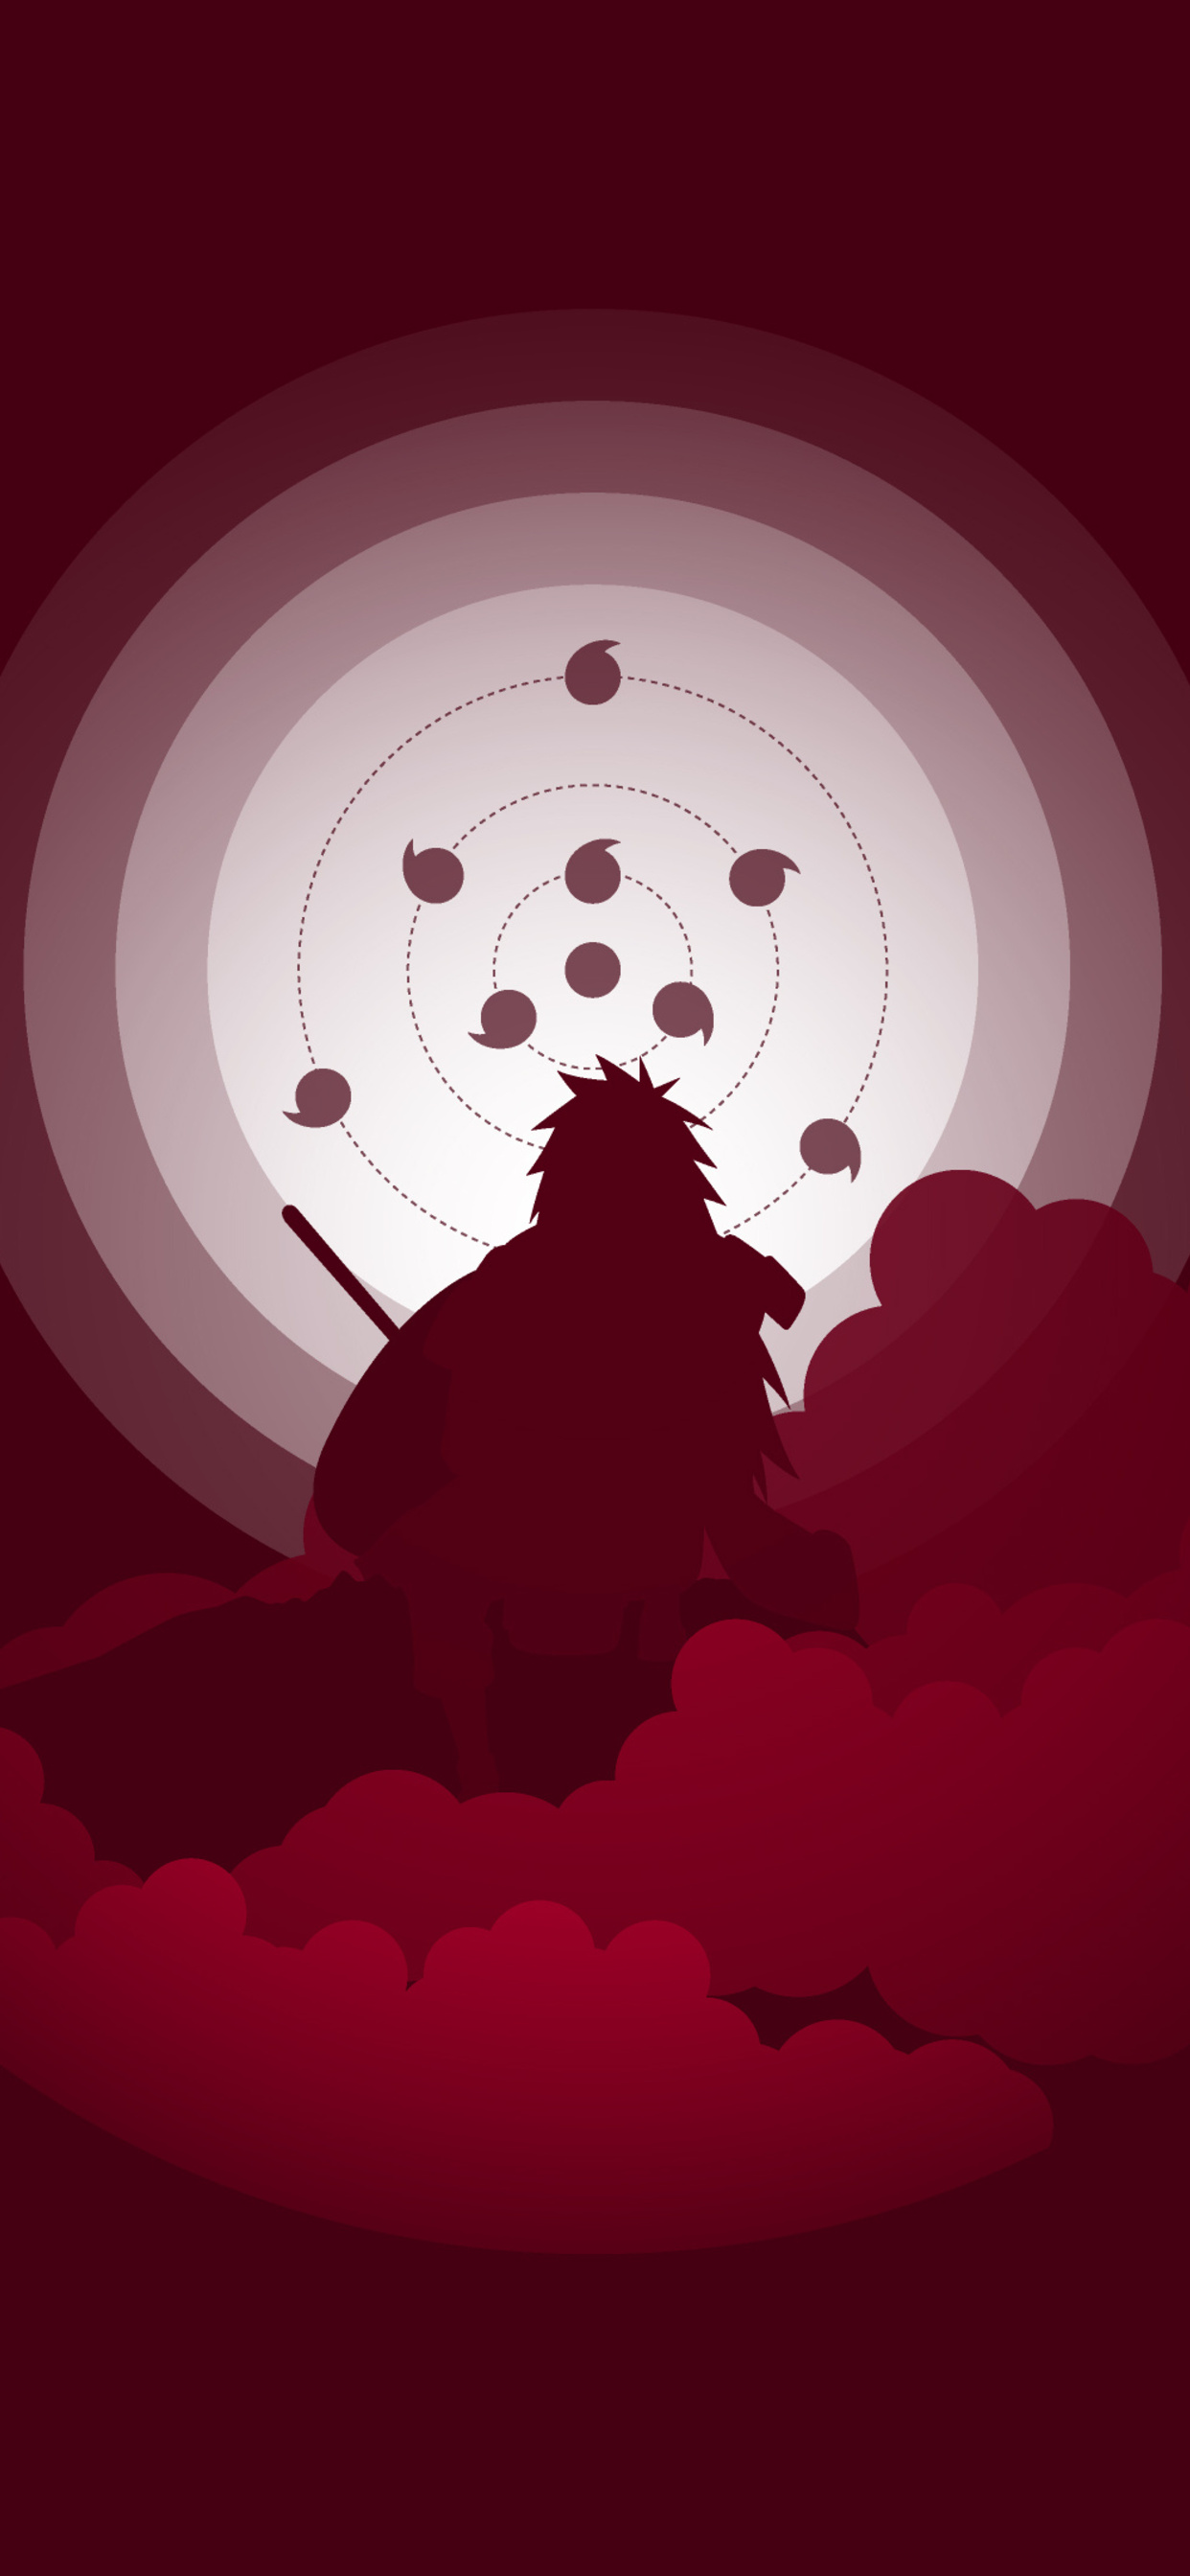 Naruto Wallpaper Iphone Xs Max